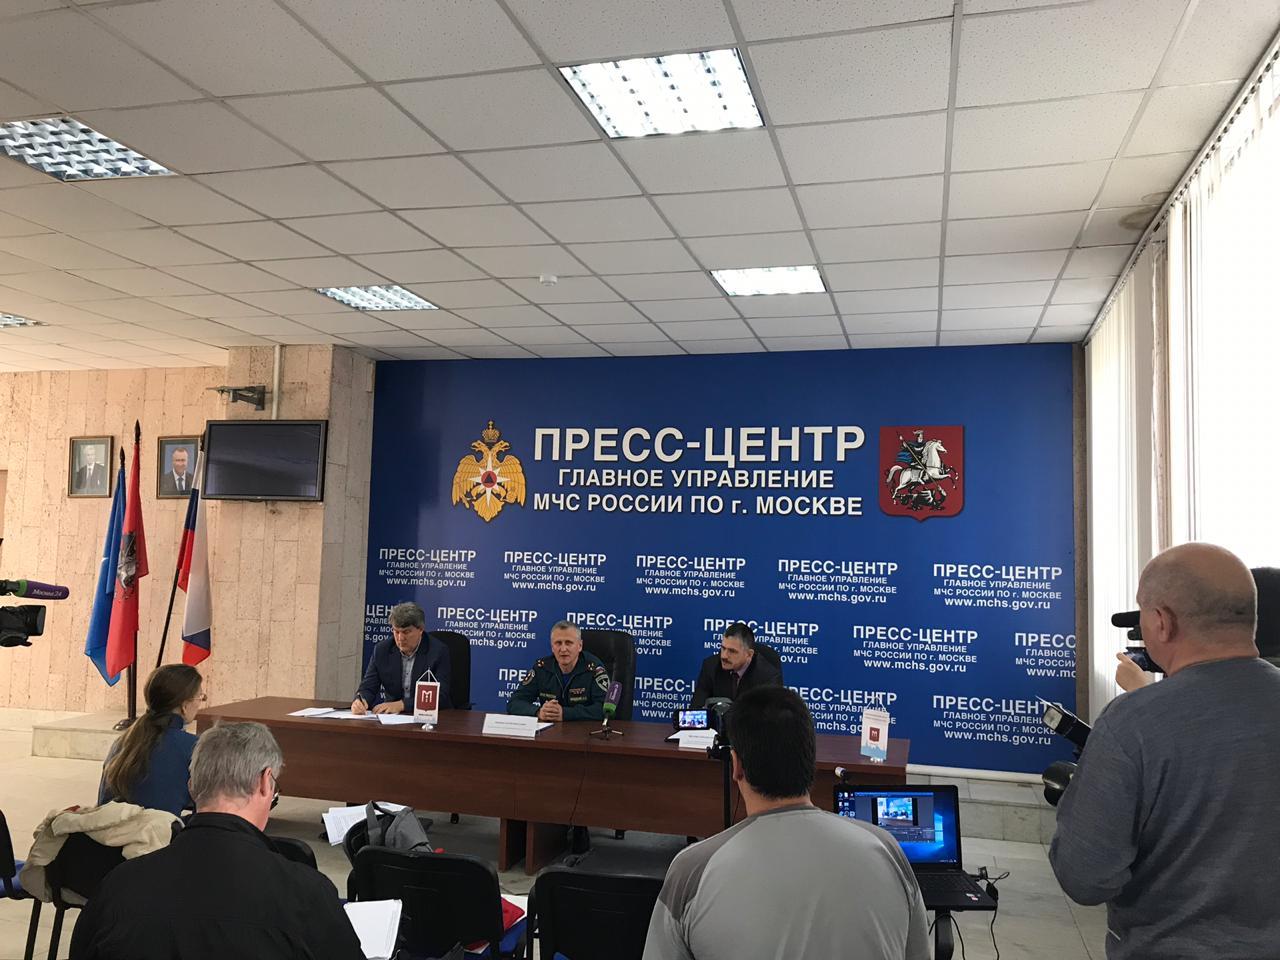 Пресс-конференция «86 годовщина со дня создания гражданской защиты» прошла в Москве